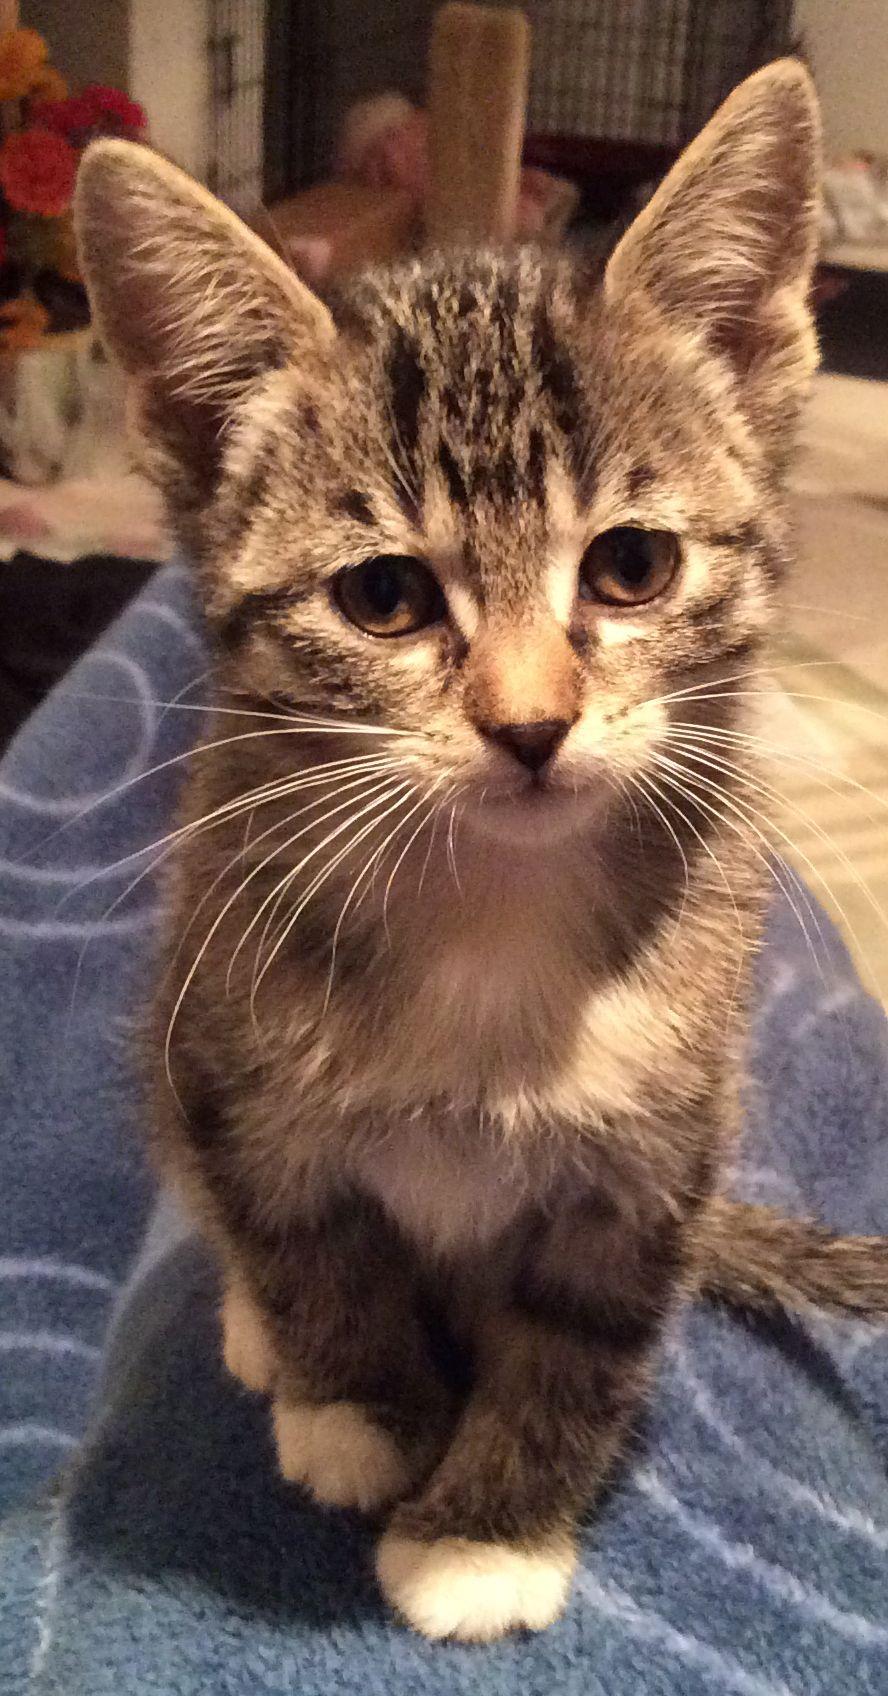 Mittens Kitten Kittens Foster Kittens Kitten